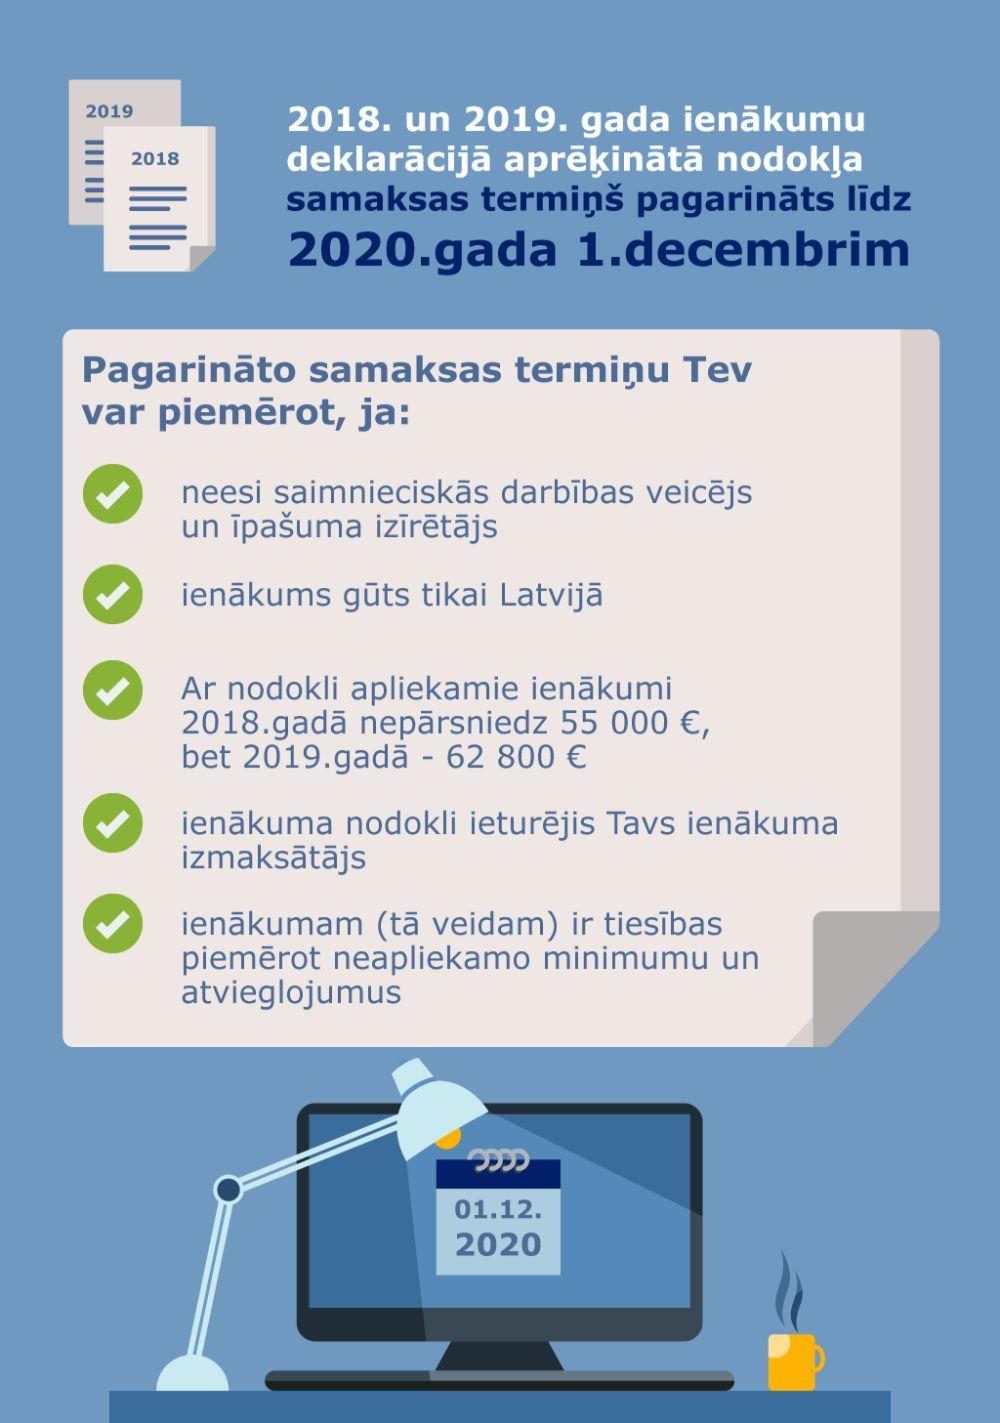 vienkārši ienākumi internetā kazakstānā)